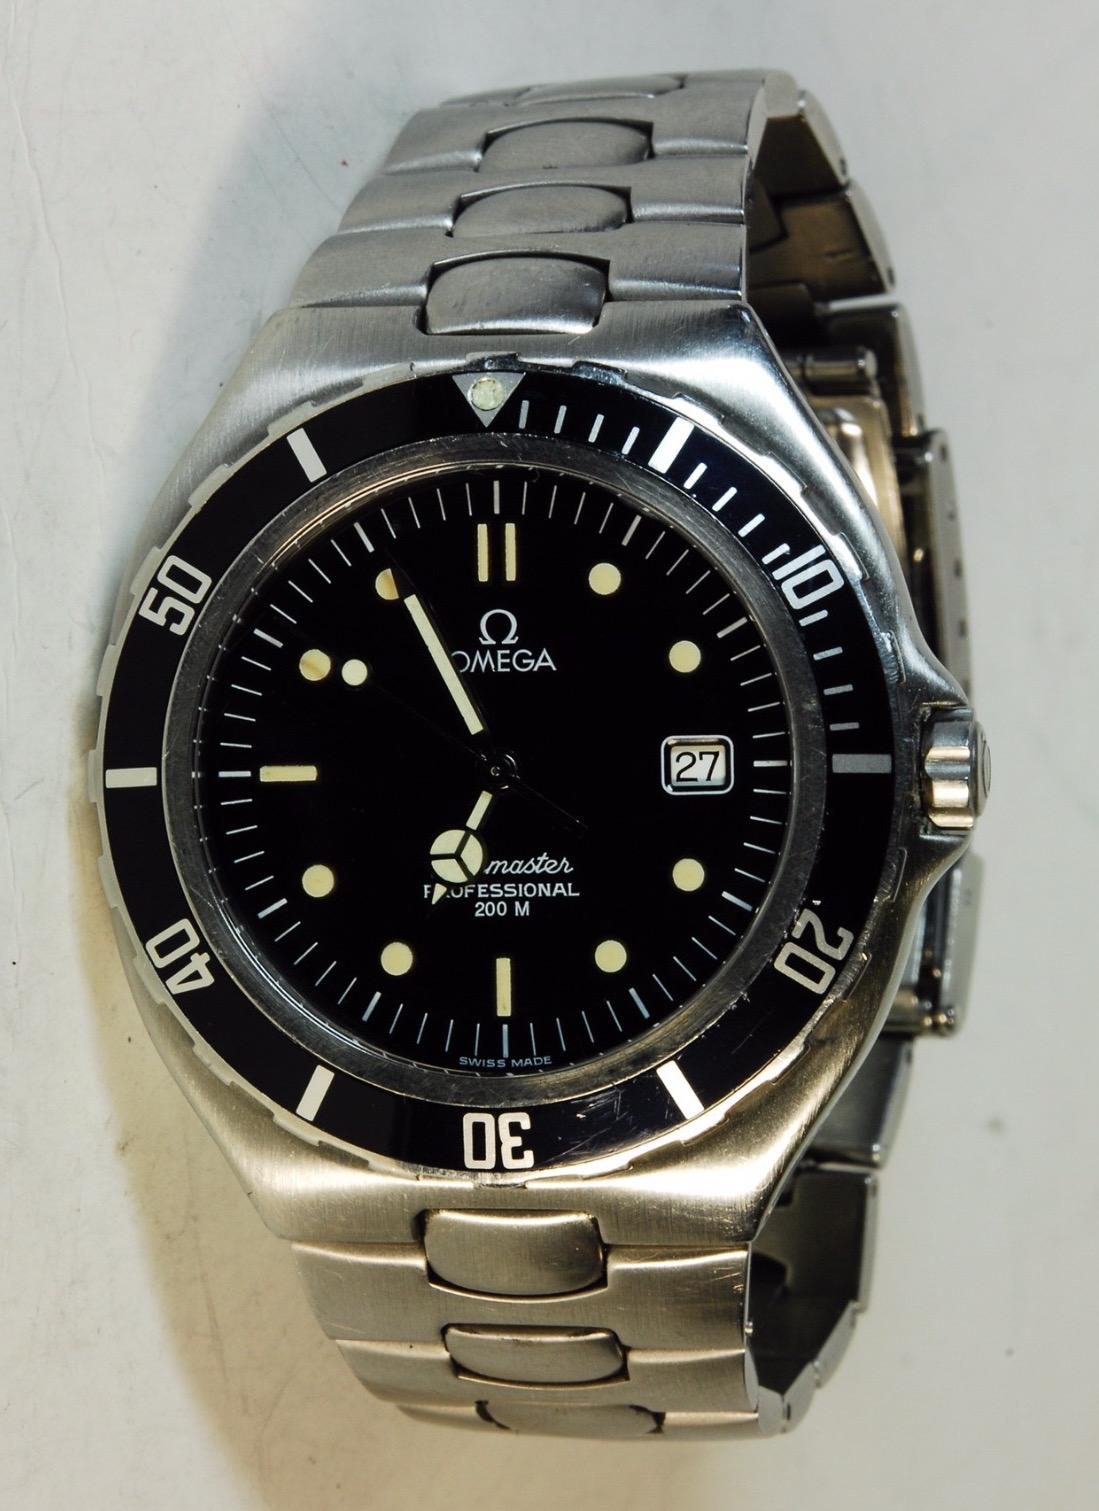 Peter Gensberger / rlx5513 / Vintage Uhr / Omega Seamaster